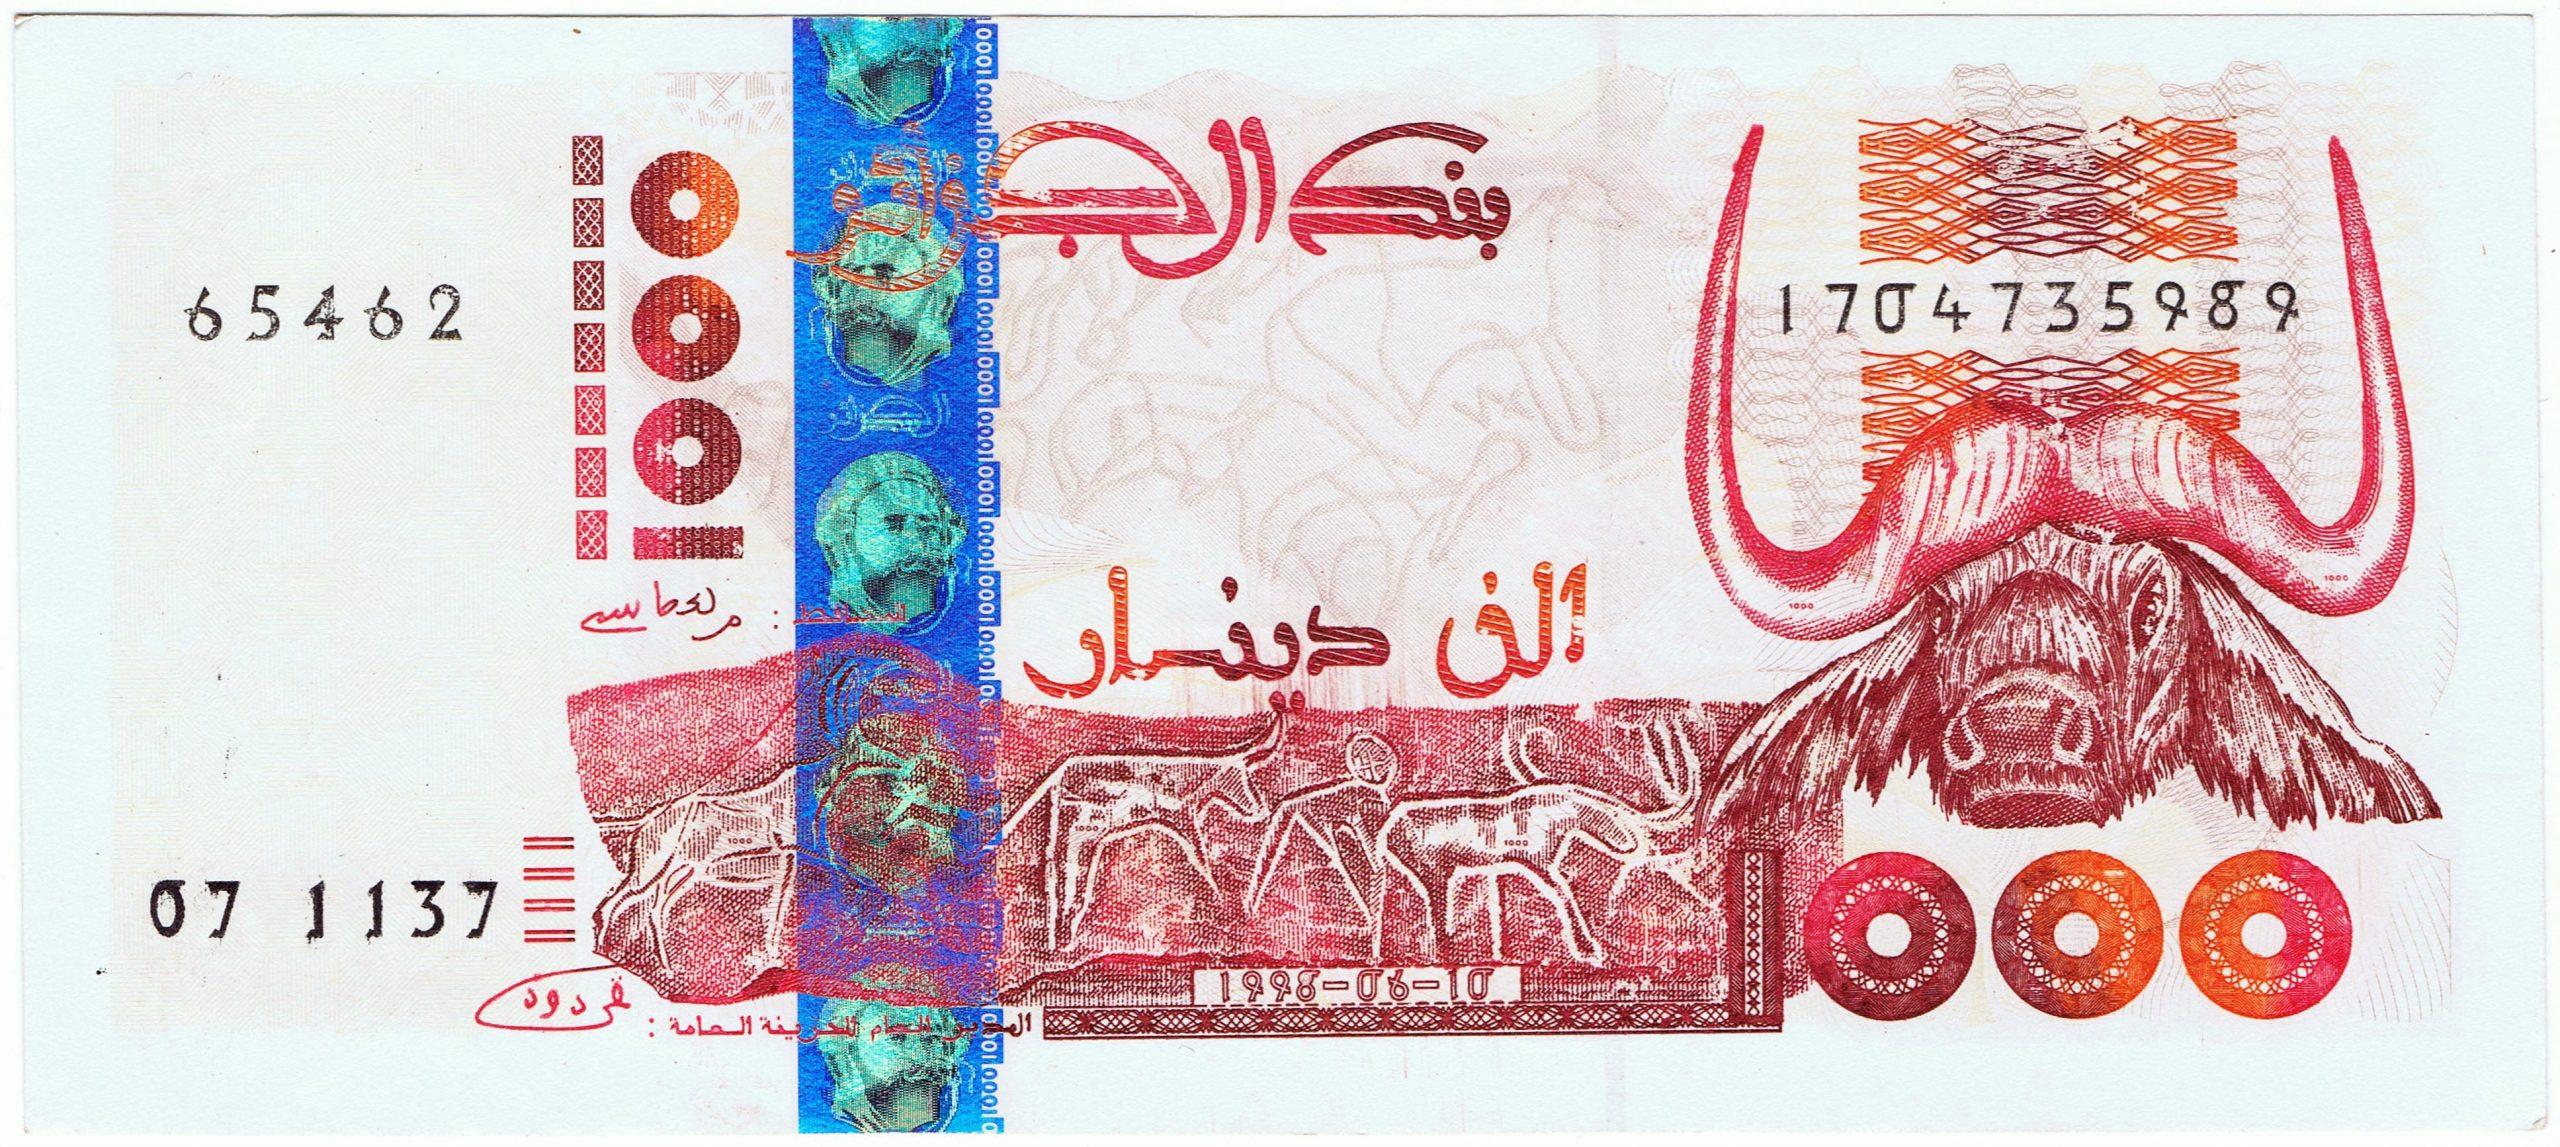 Billet De 1 000 Dinars Algériens — Wikipédia serapportantà Billets Et Pièces En Euros À Imprimer